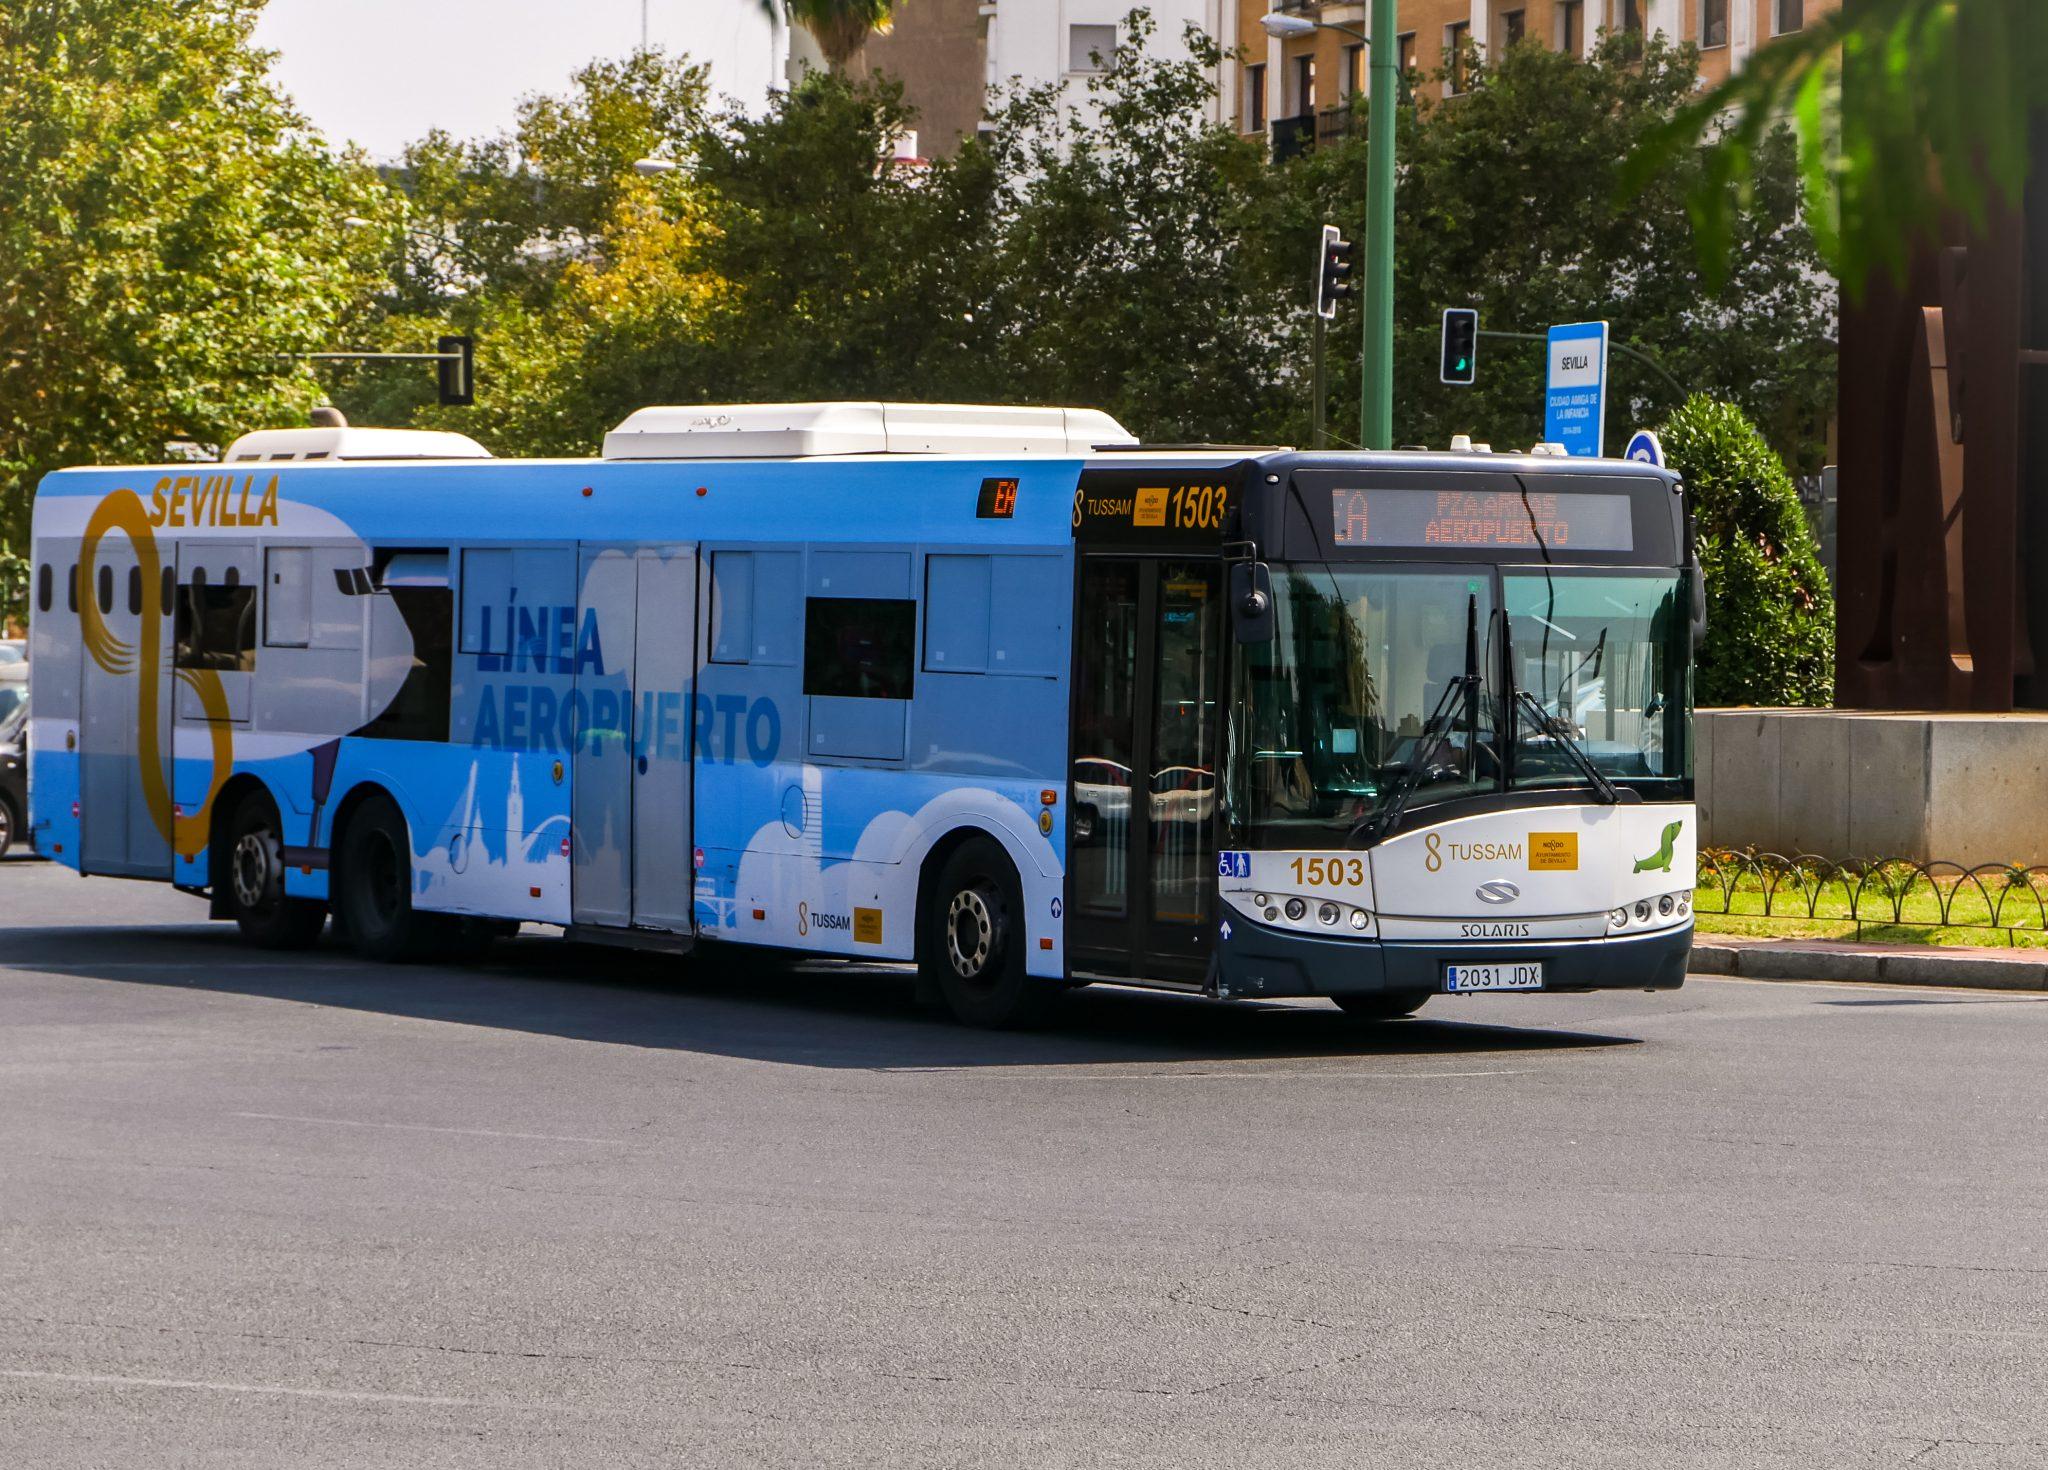 """Mit dem Bus EA (Especial Aeropuerto) des Verkehrsbetriebes Tussam dauert es um die 30 - 35 Minuten, wenn du bis zur Endstation, demBusbahnhof """"Estación Plaza de Armas"""" fährst."""